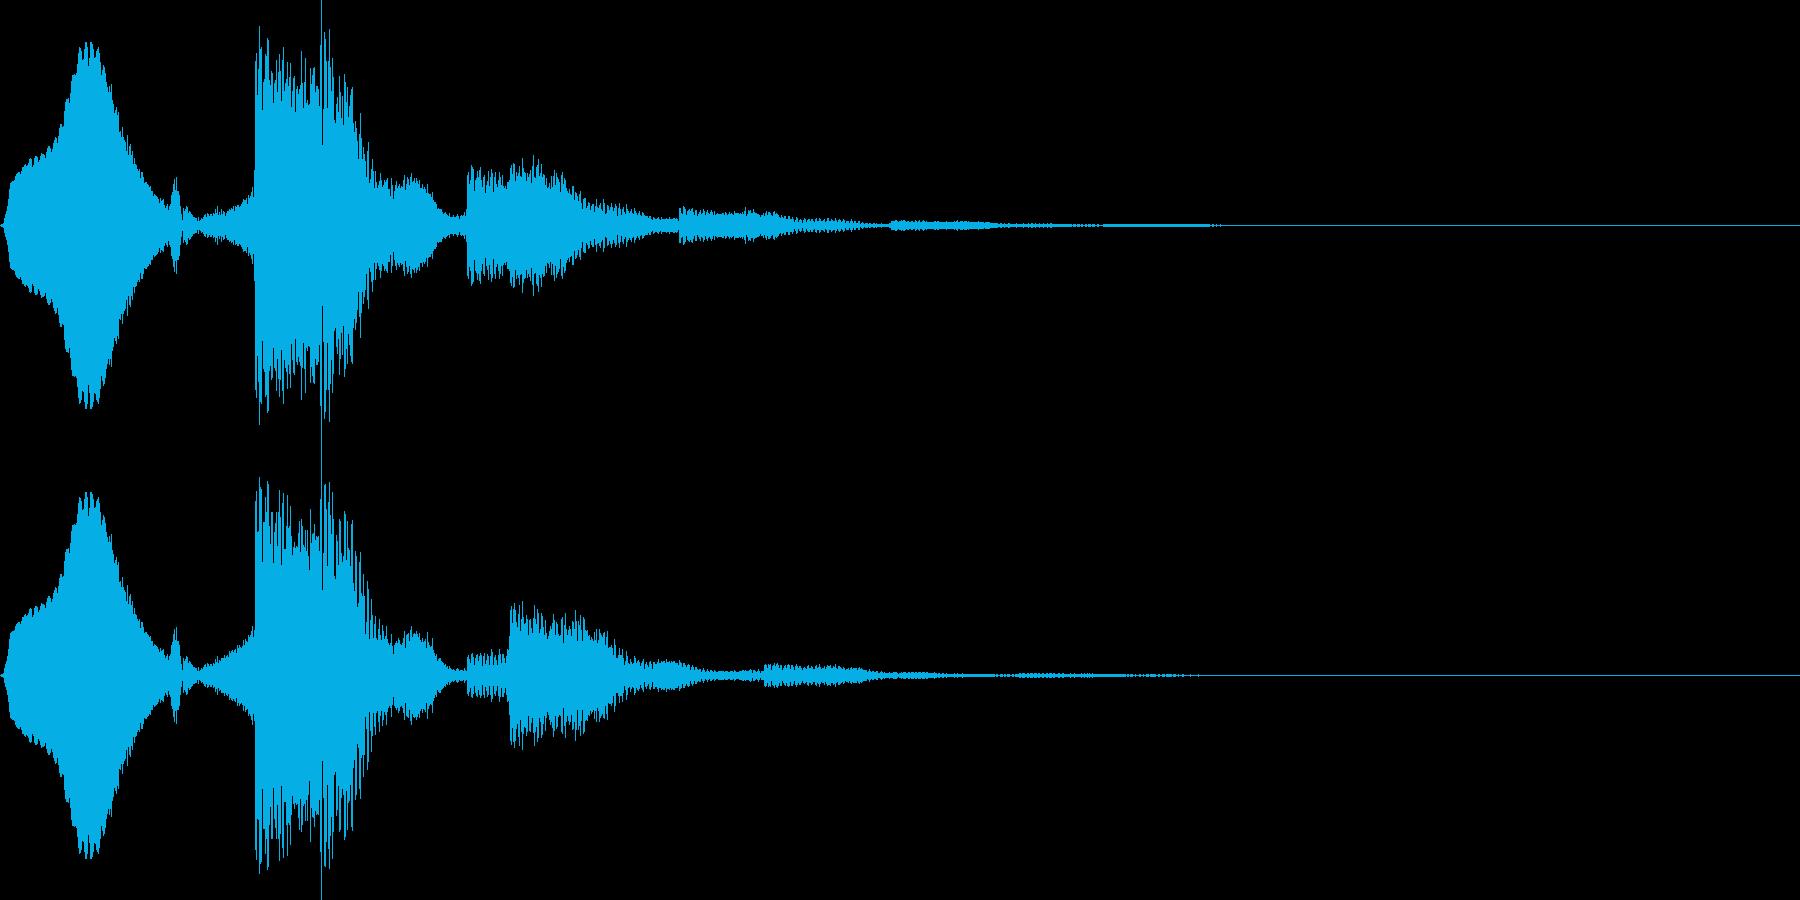 ボタン押下や決定音_ピコーン!の再生済みの波形